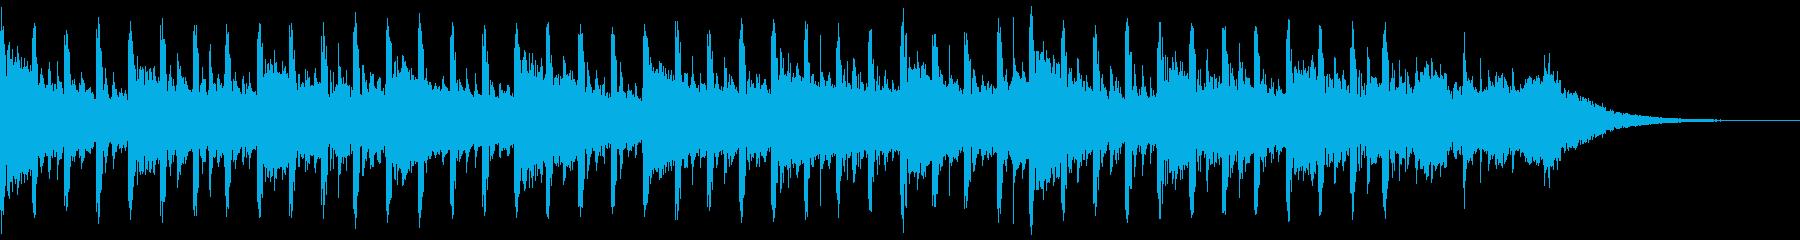 説明者の背景(30秒)の再生済みの波形